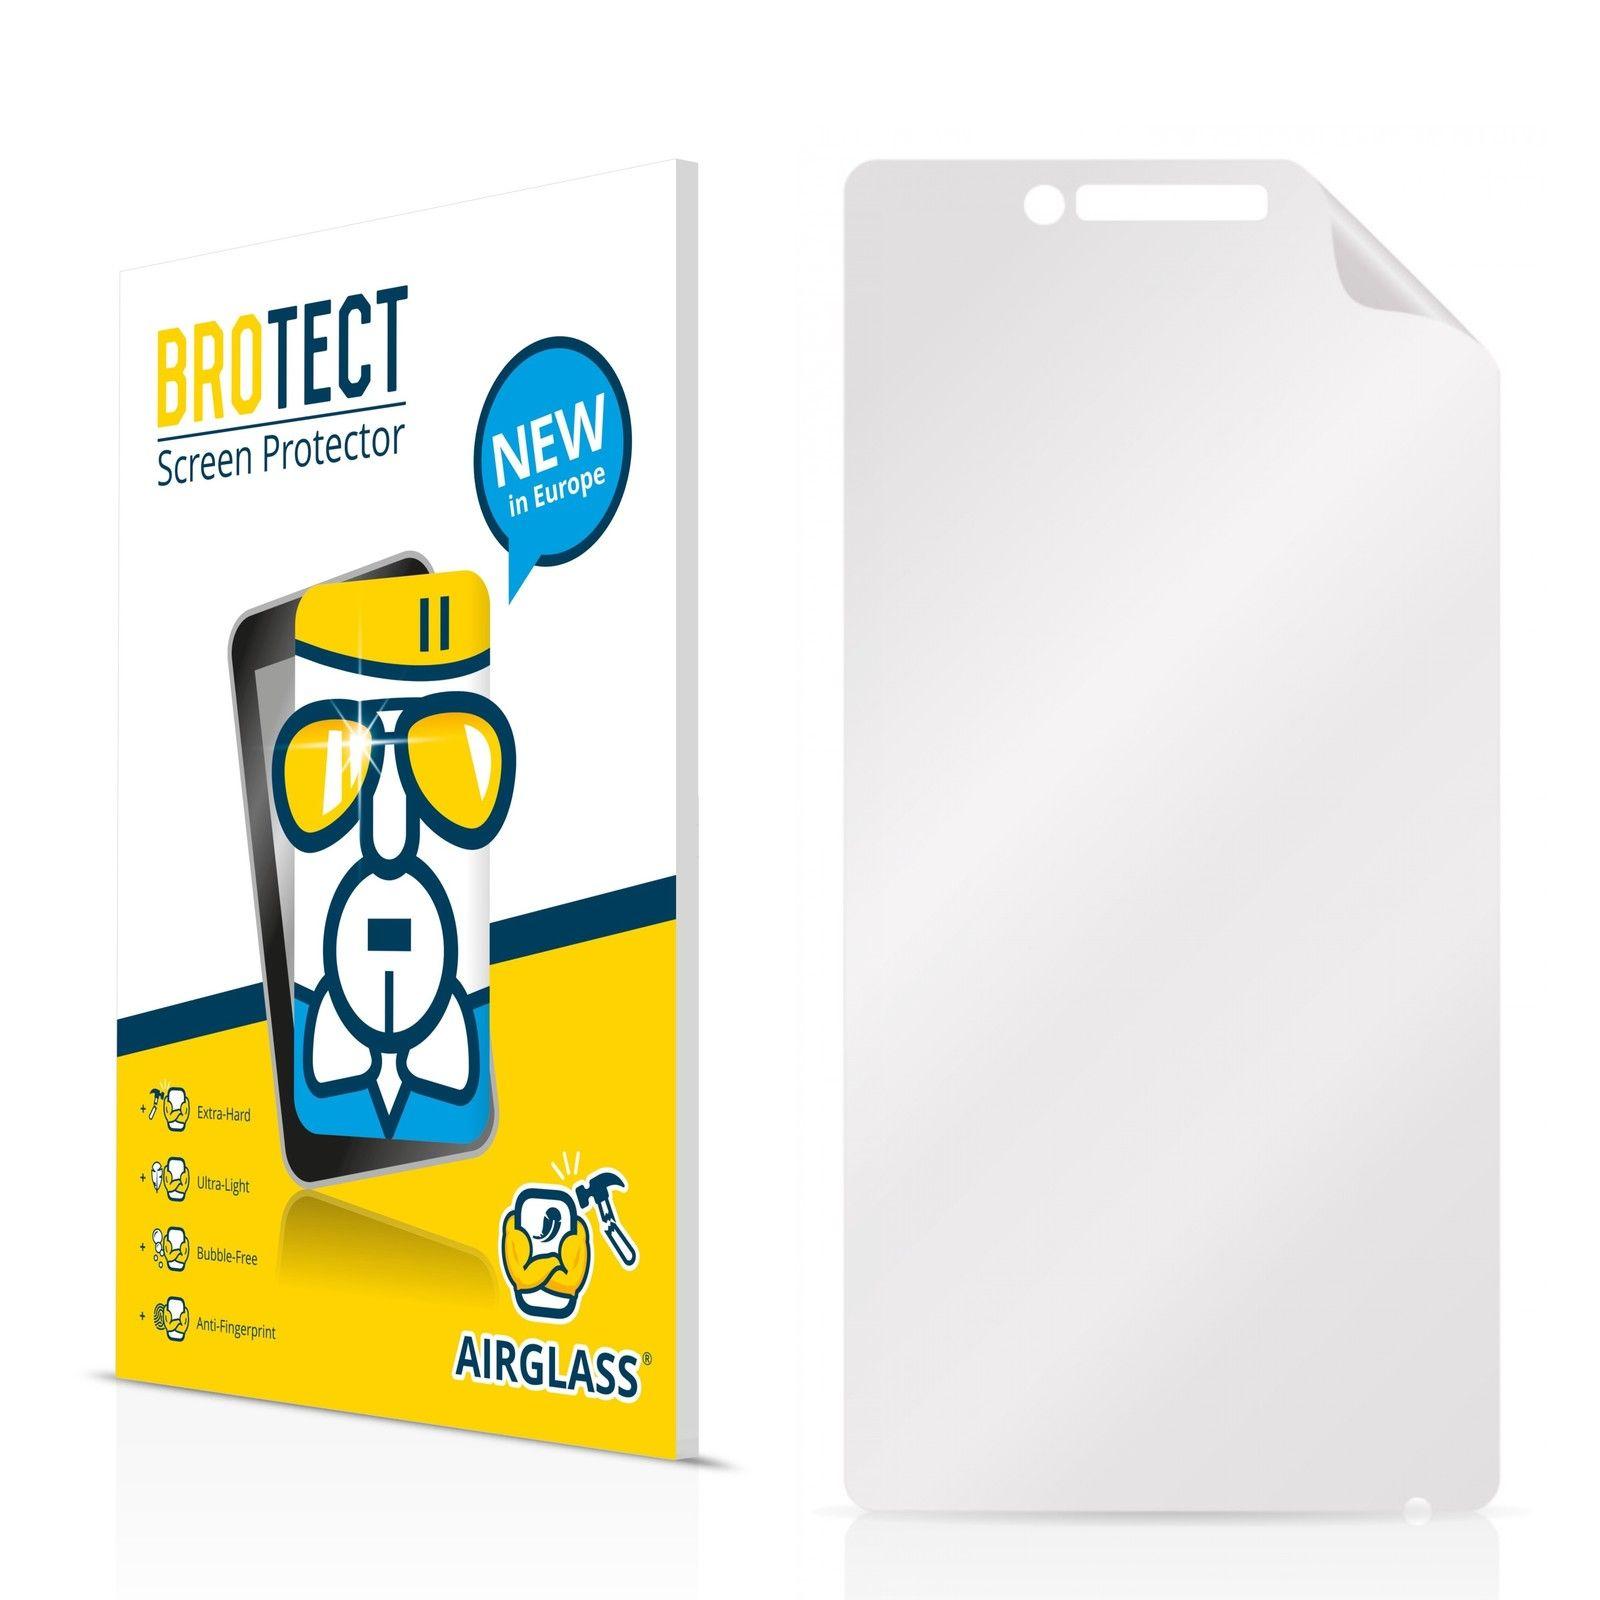 Extra tvrzená ochranná fólie (tvrzené sklo) AirGlass Brotec na LCD pro Prestigio MultiPhone 5450 DUO